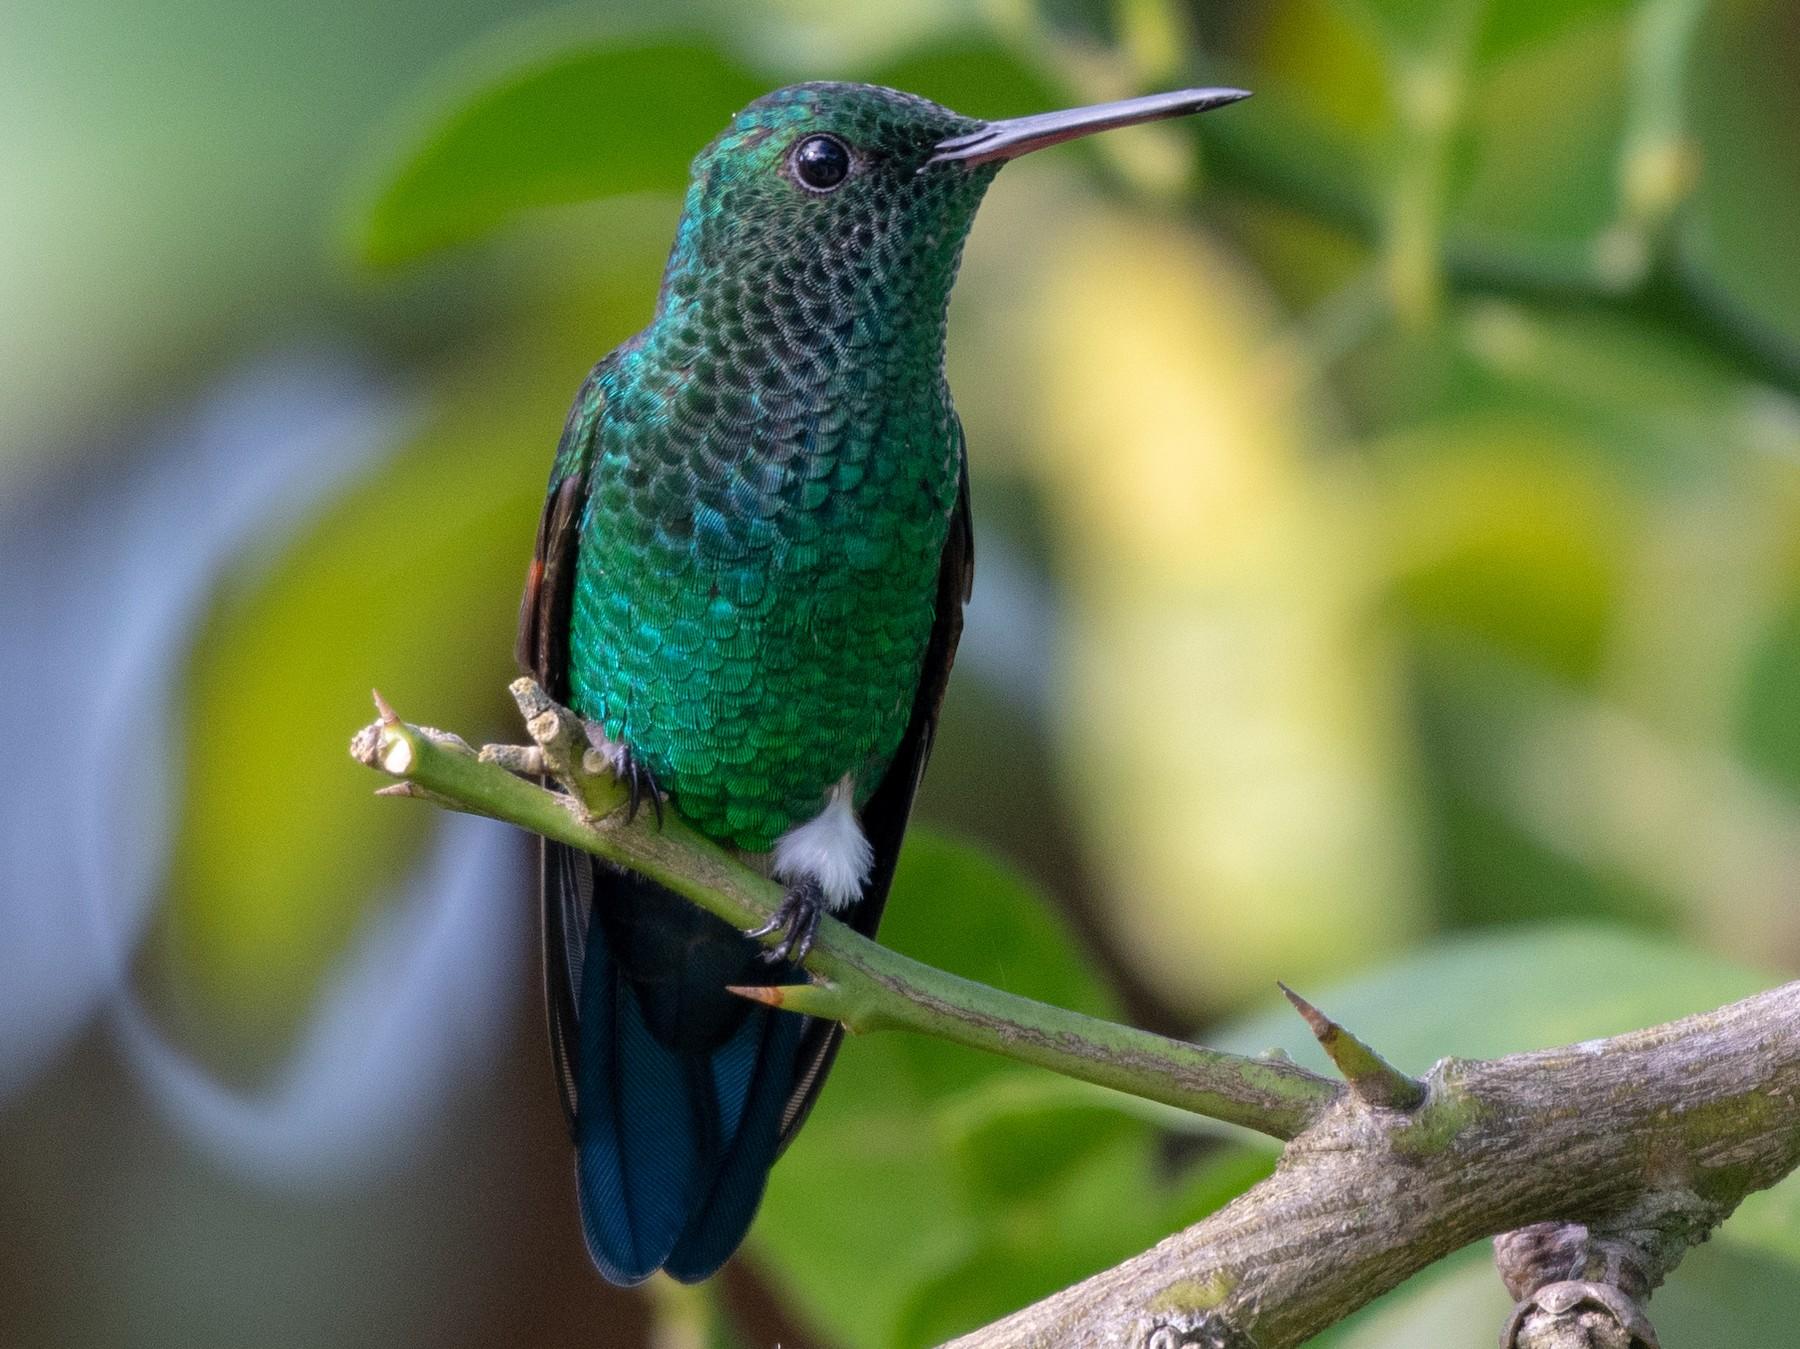 Blue-tailed Hummingbird - Ana Paula Oxom